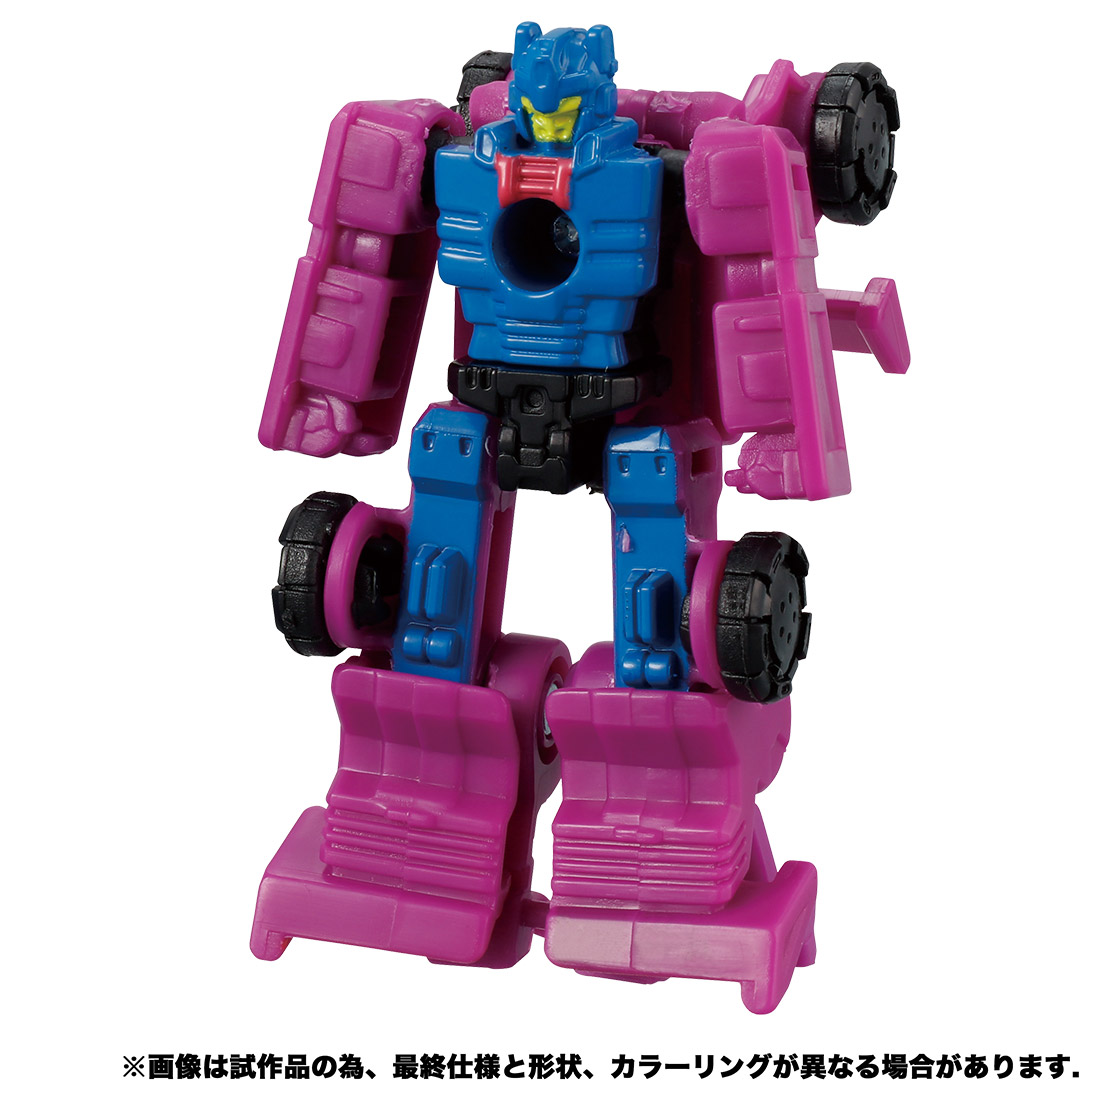 【限定販売】トランスフォーマー アースライズ『ER EX-10 スナップドラゴン』可変可動フィギュア-009